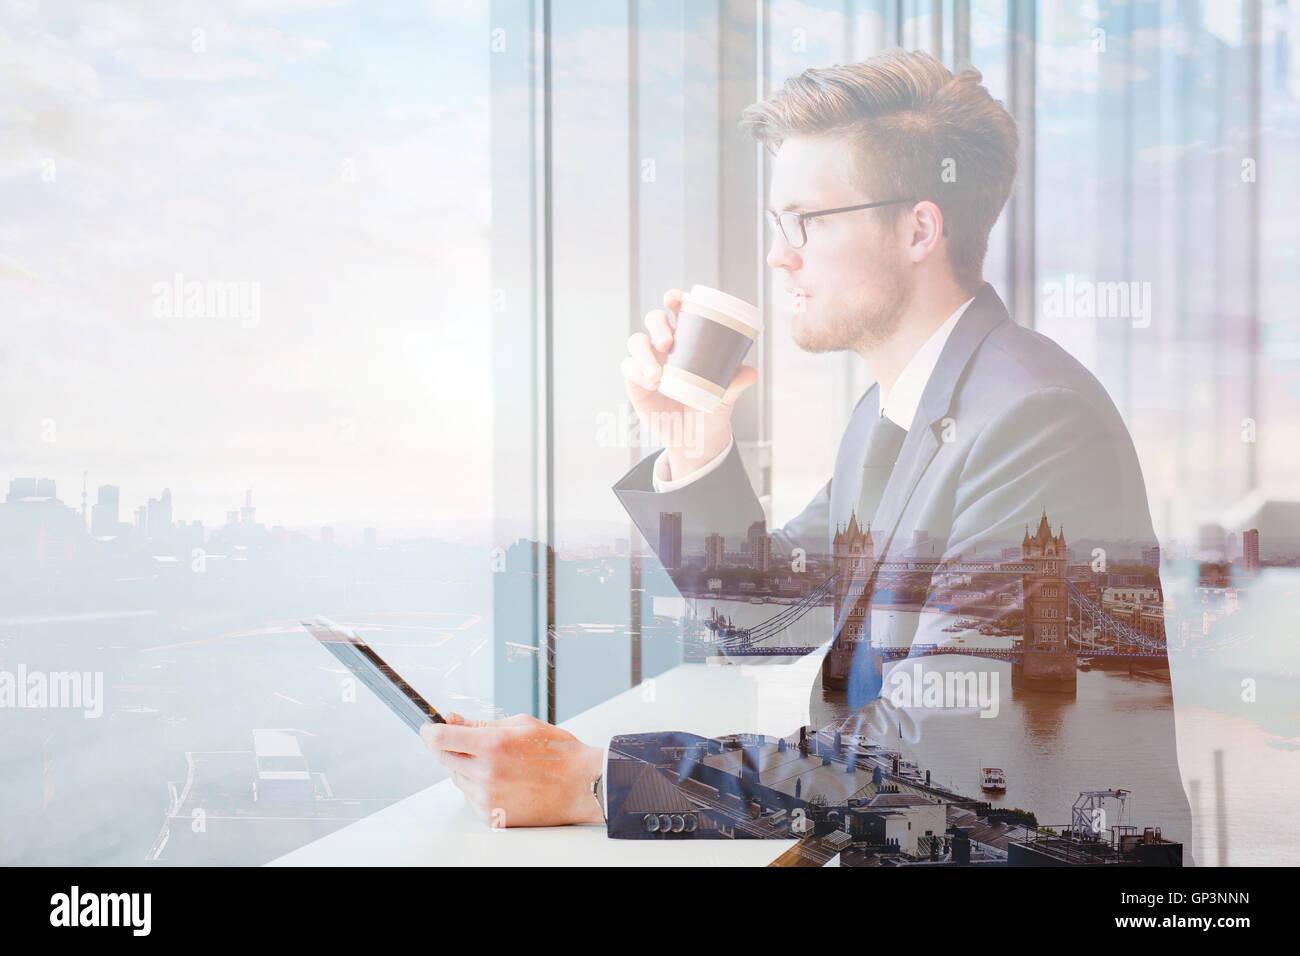 Doppelbelichtung Geschäftsmann und London Skyline Stadtbild Stockbild